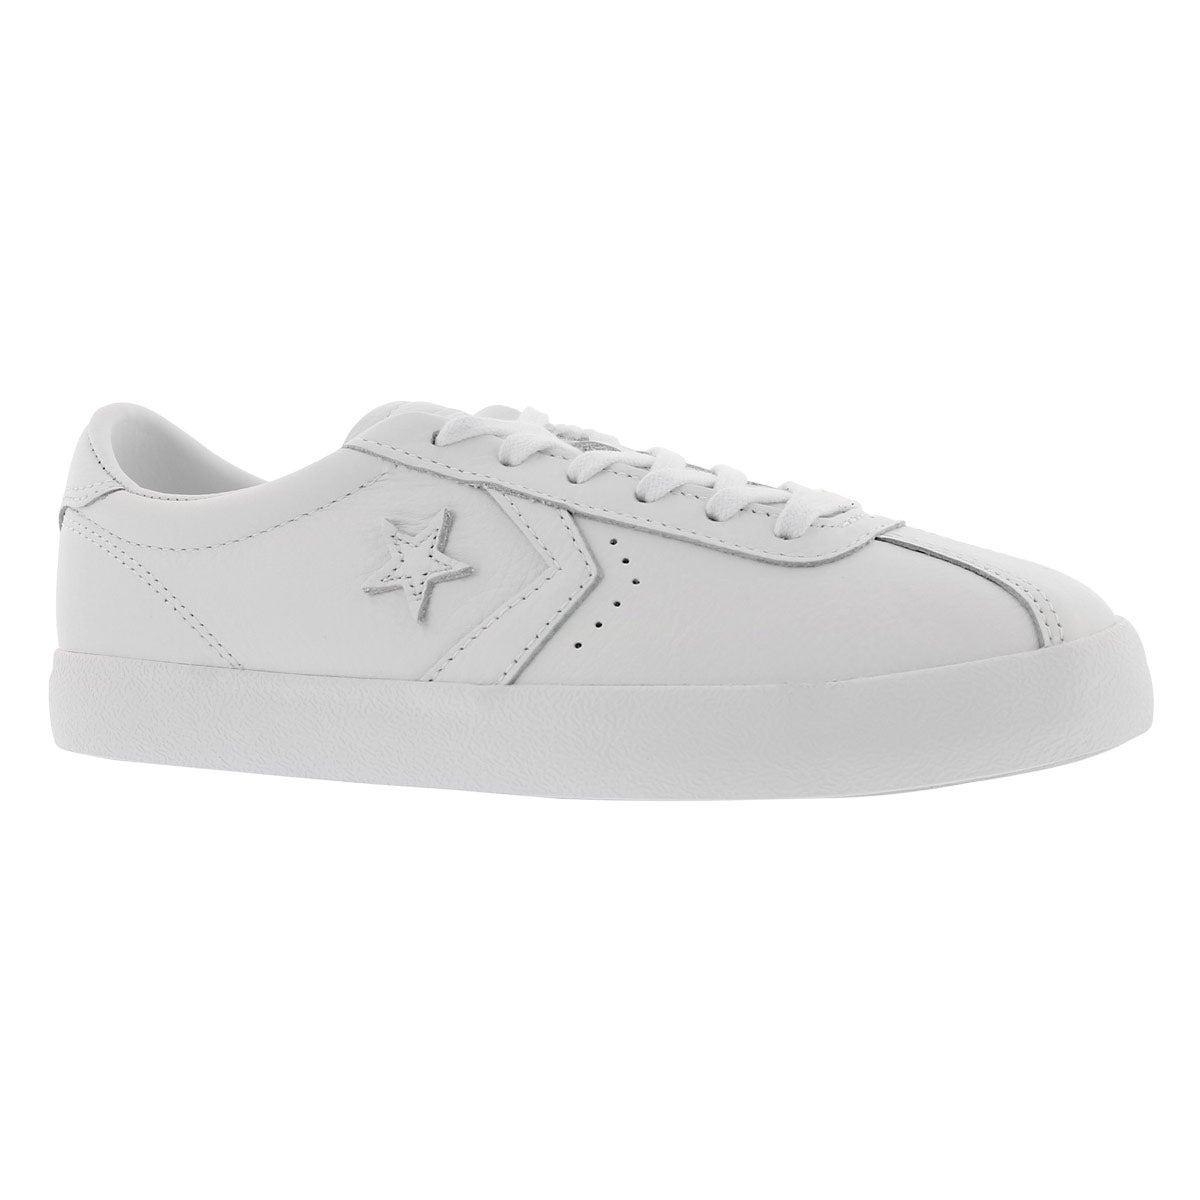 Ladies' BREAKPOINTwhite sneakers